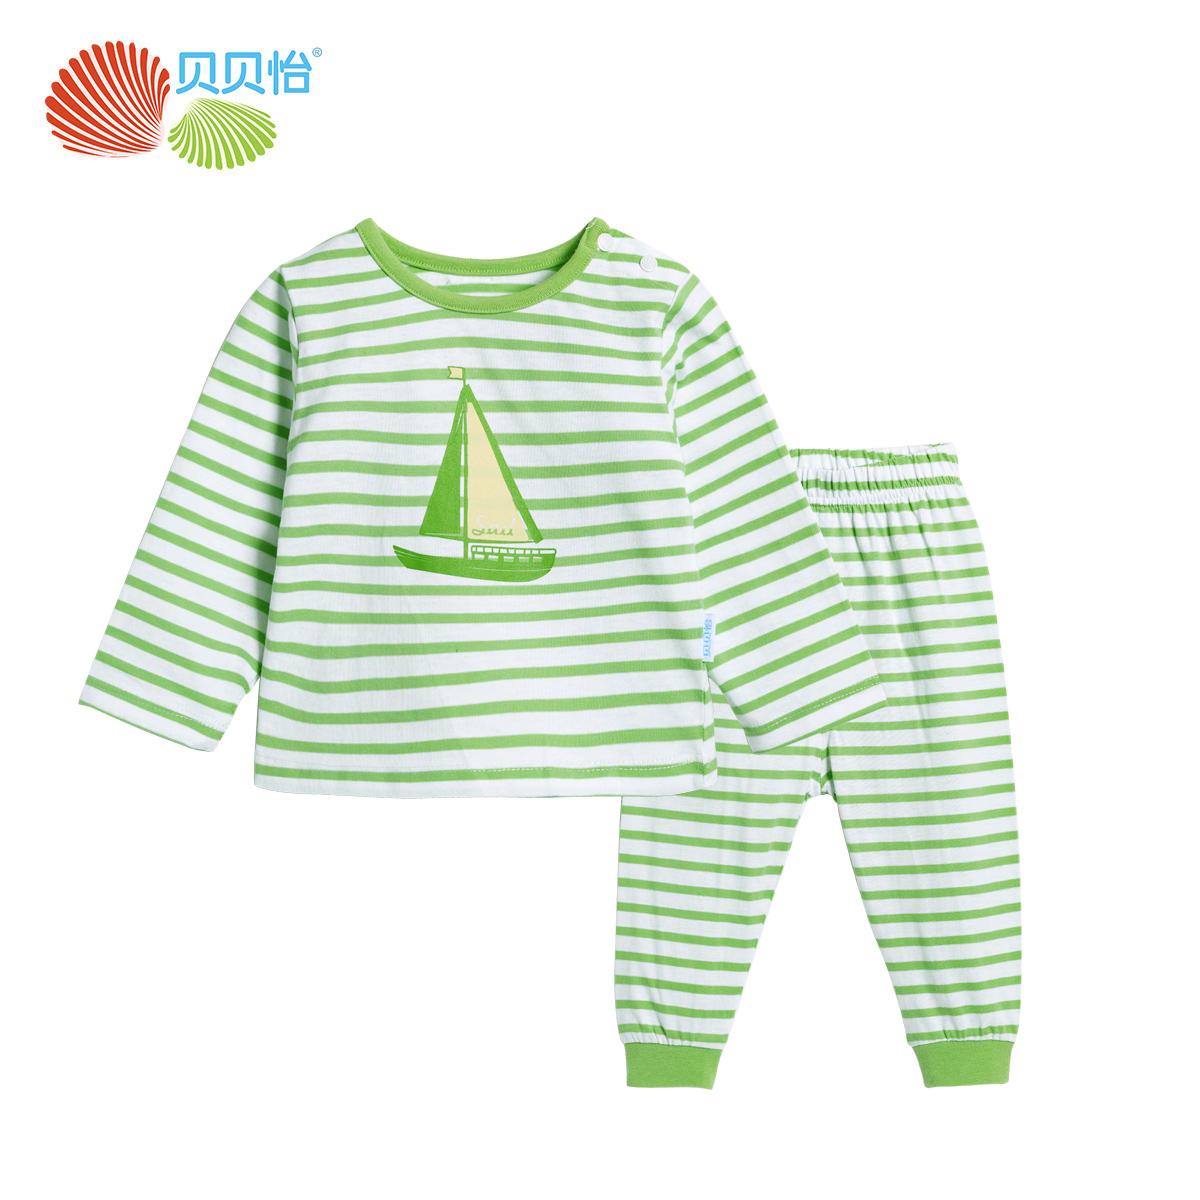 贝贝怡男女童春秋装纯棉长袖宝宝洋气套装婴儿衣服儿童帅气两件套